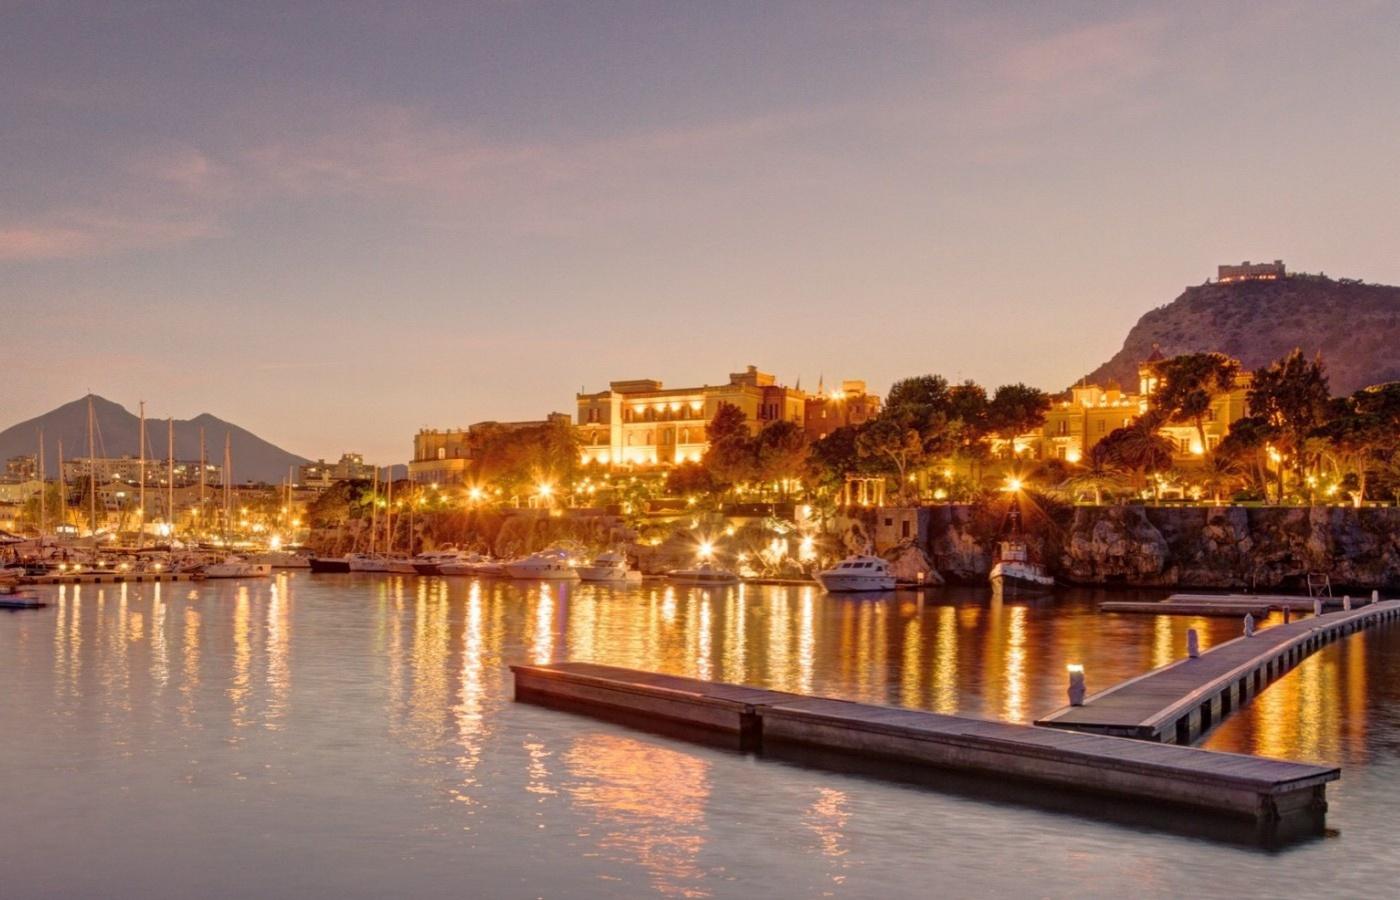 Ristrutturazione a Villa Igiea | L'hotel chiude il 16 settembre ...